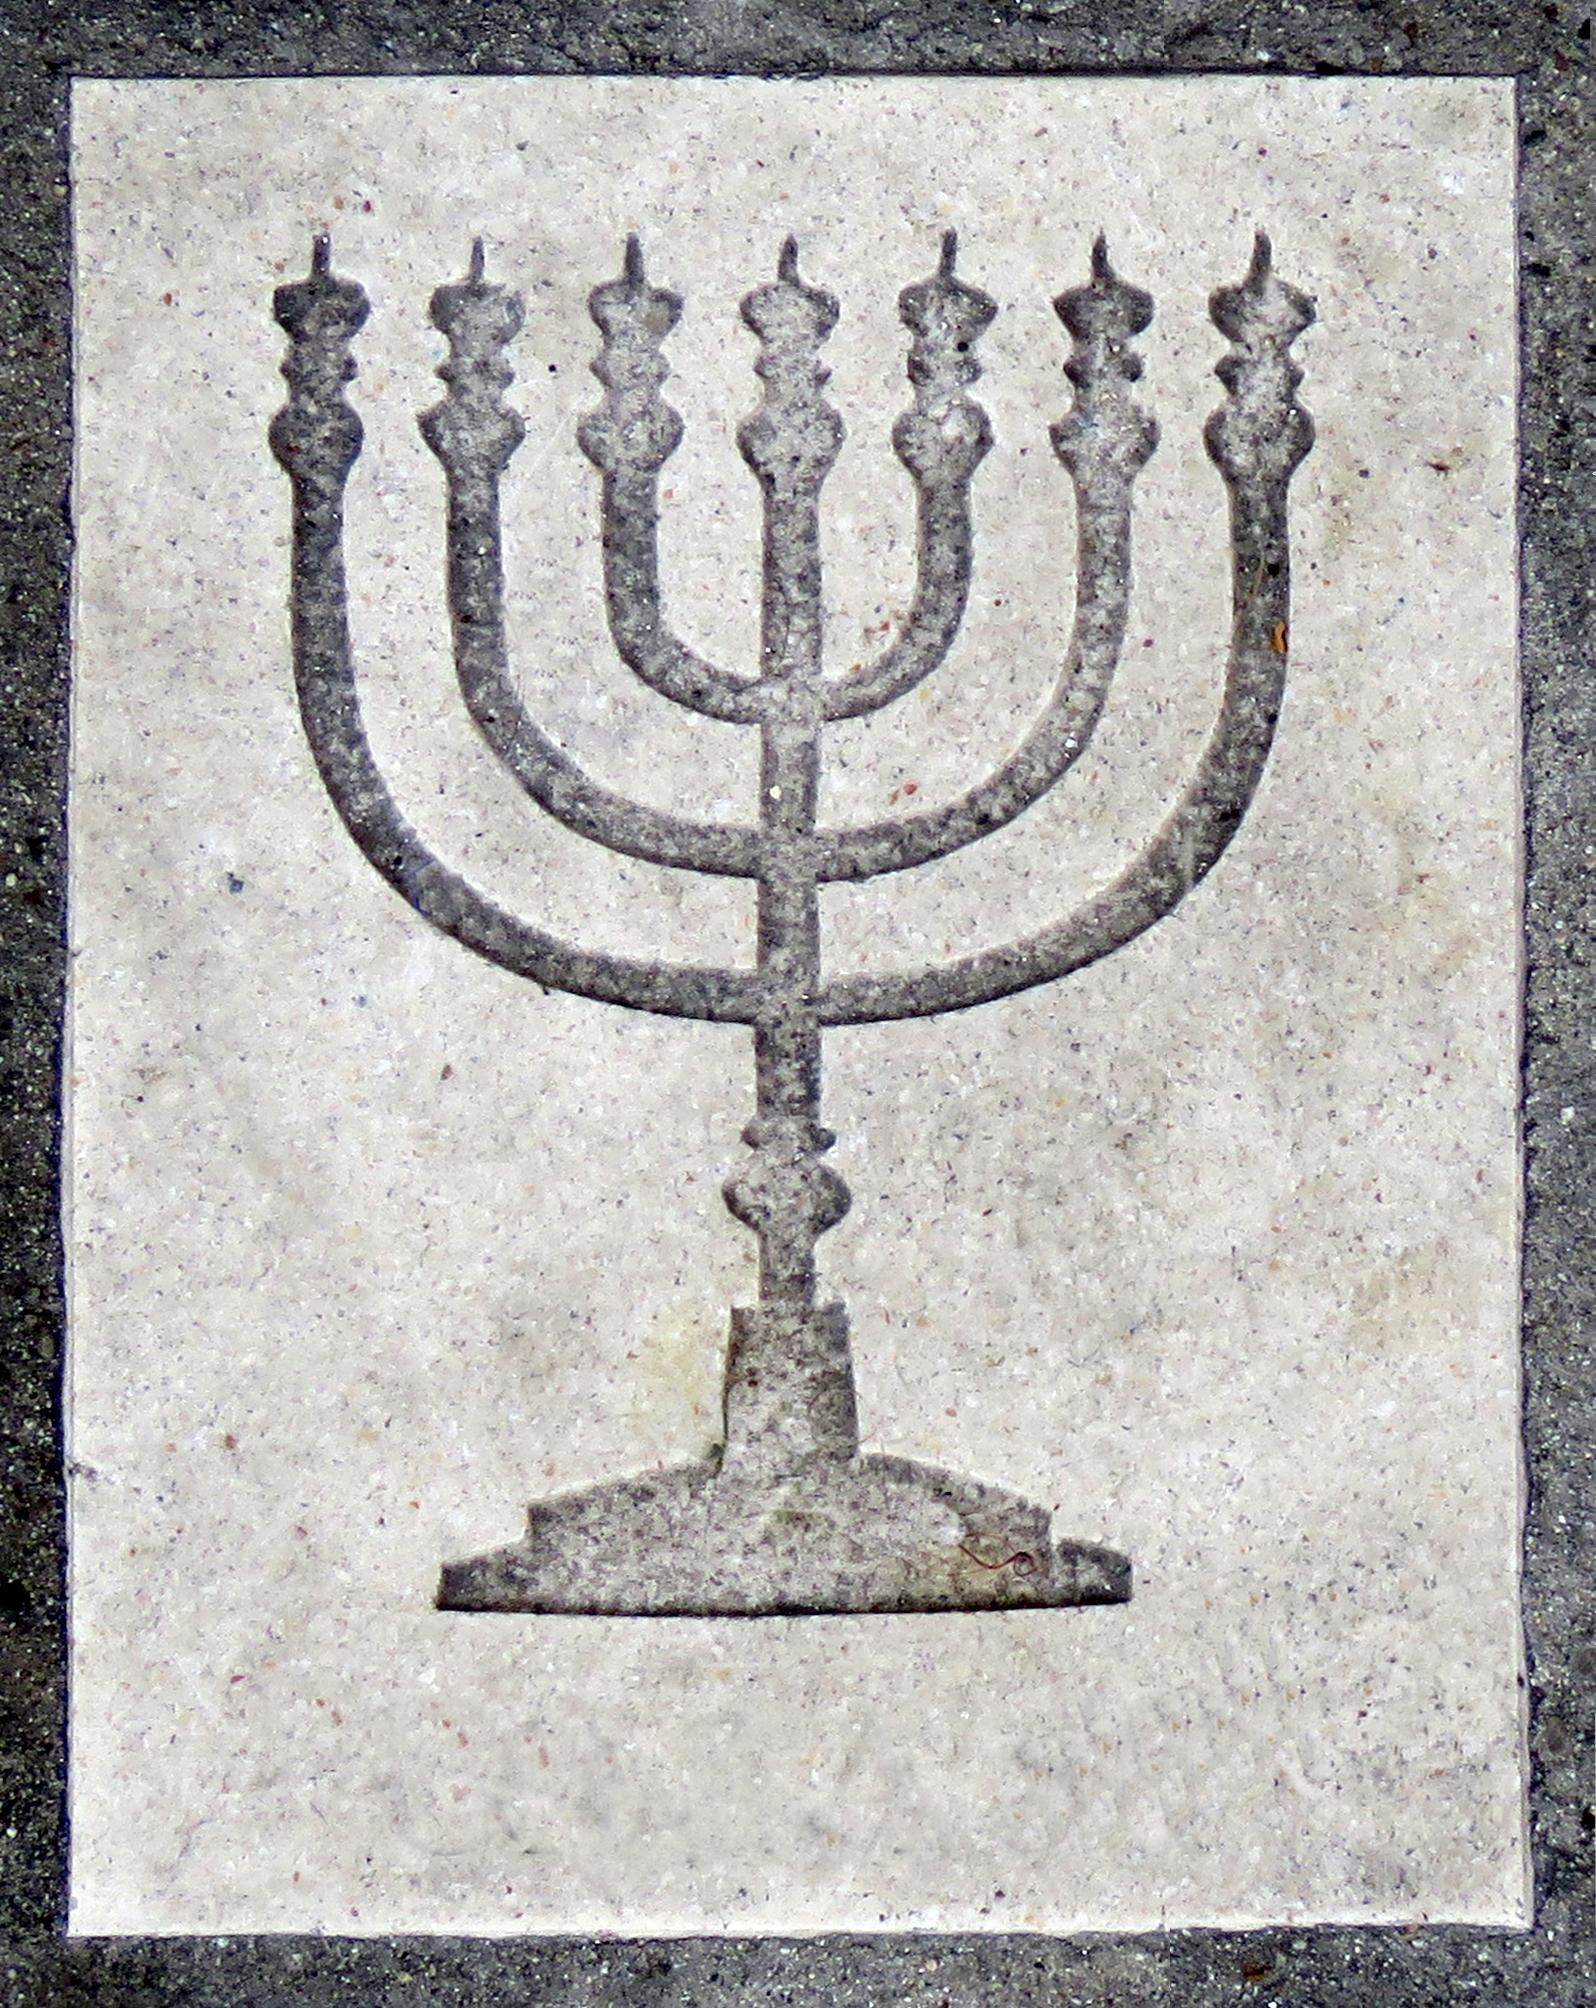 Menorah Candelabro de siete brazos. Objeto de culto y simbolo judio.